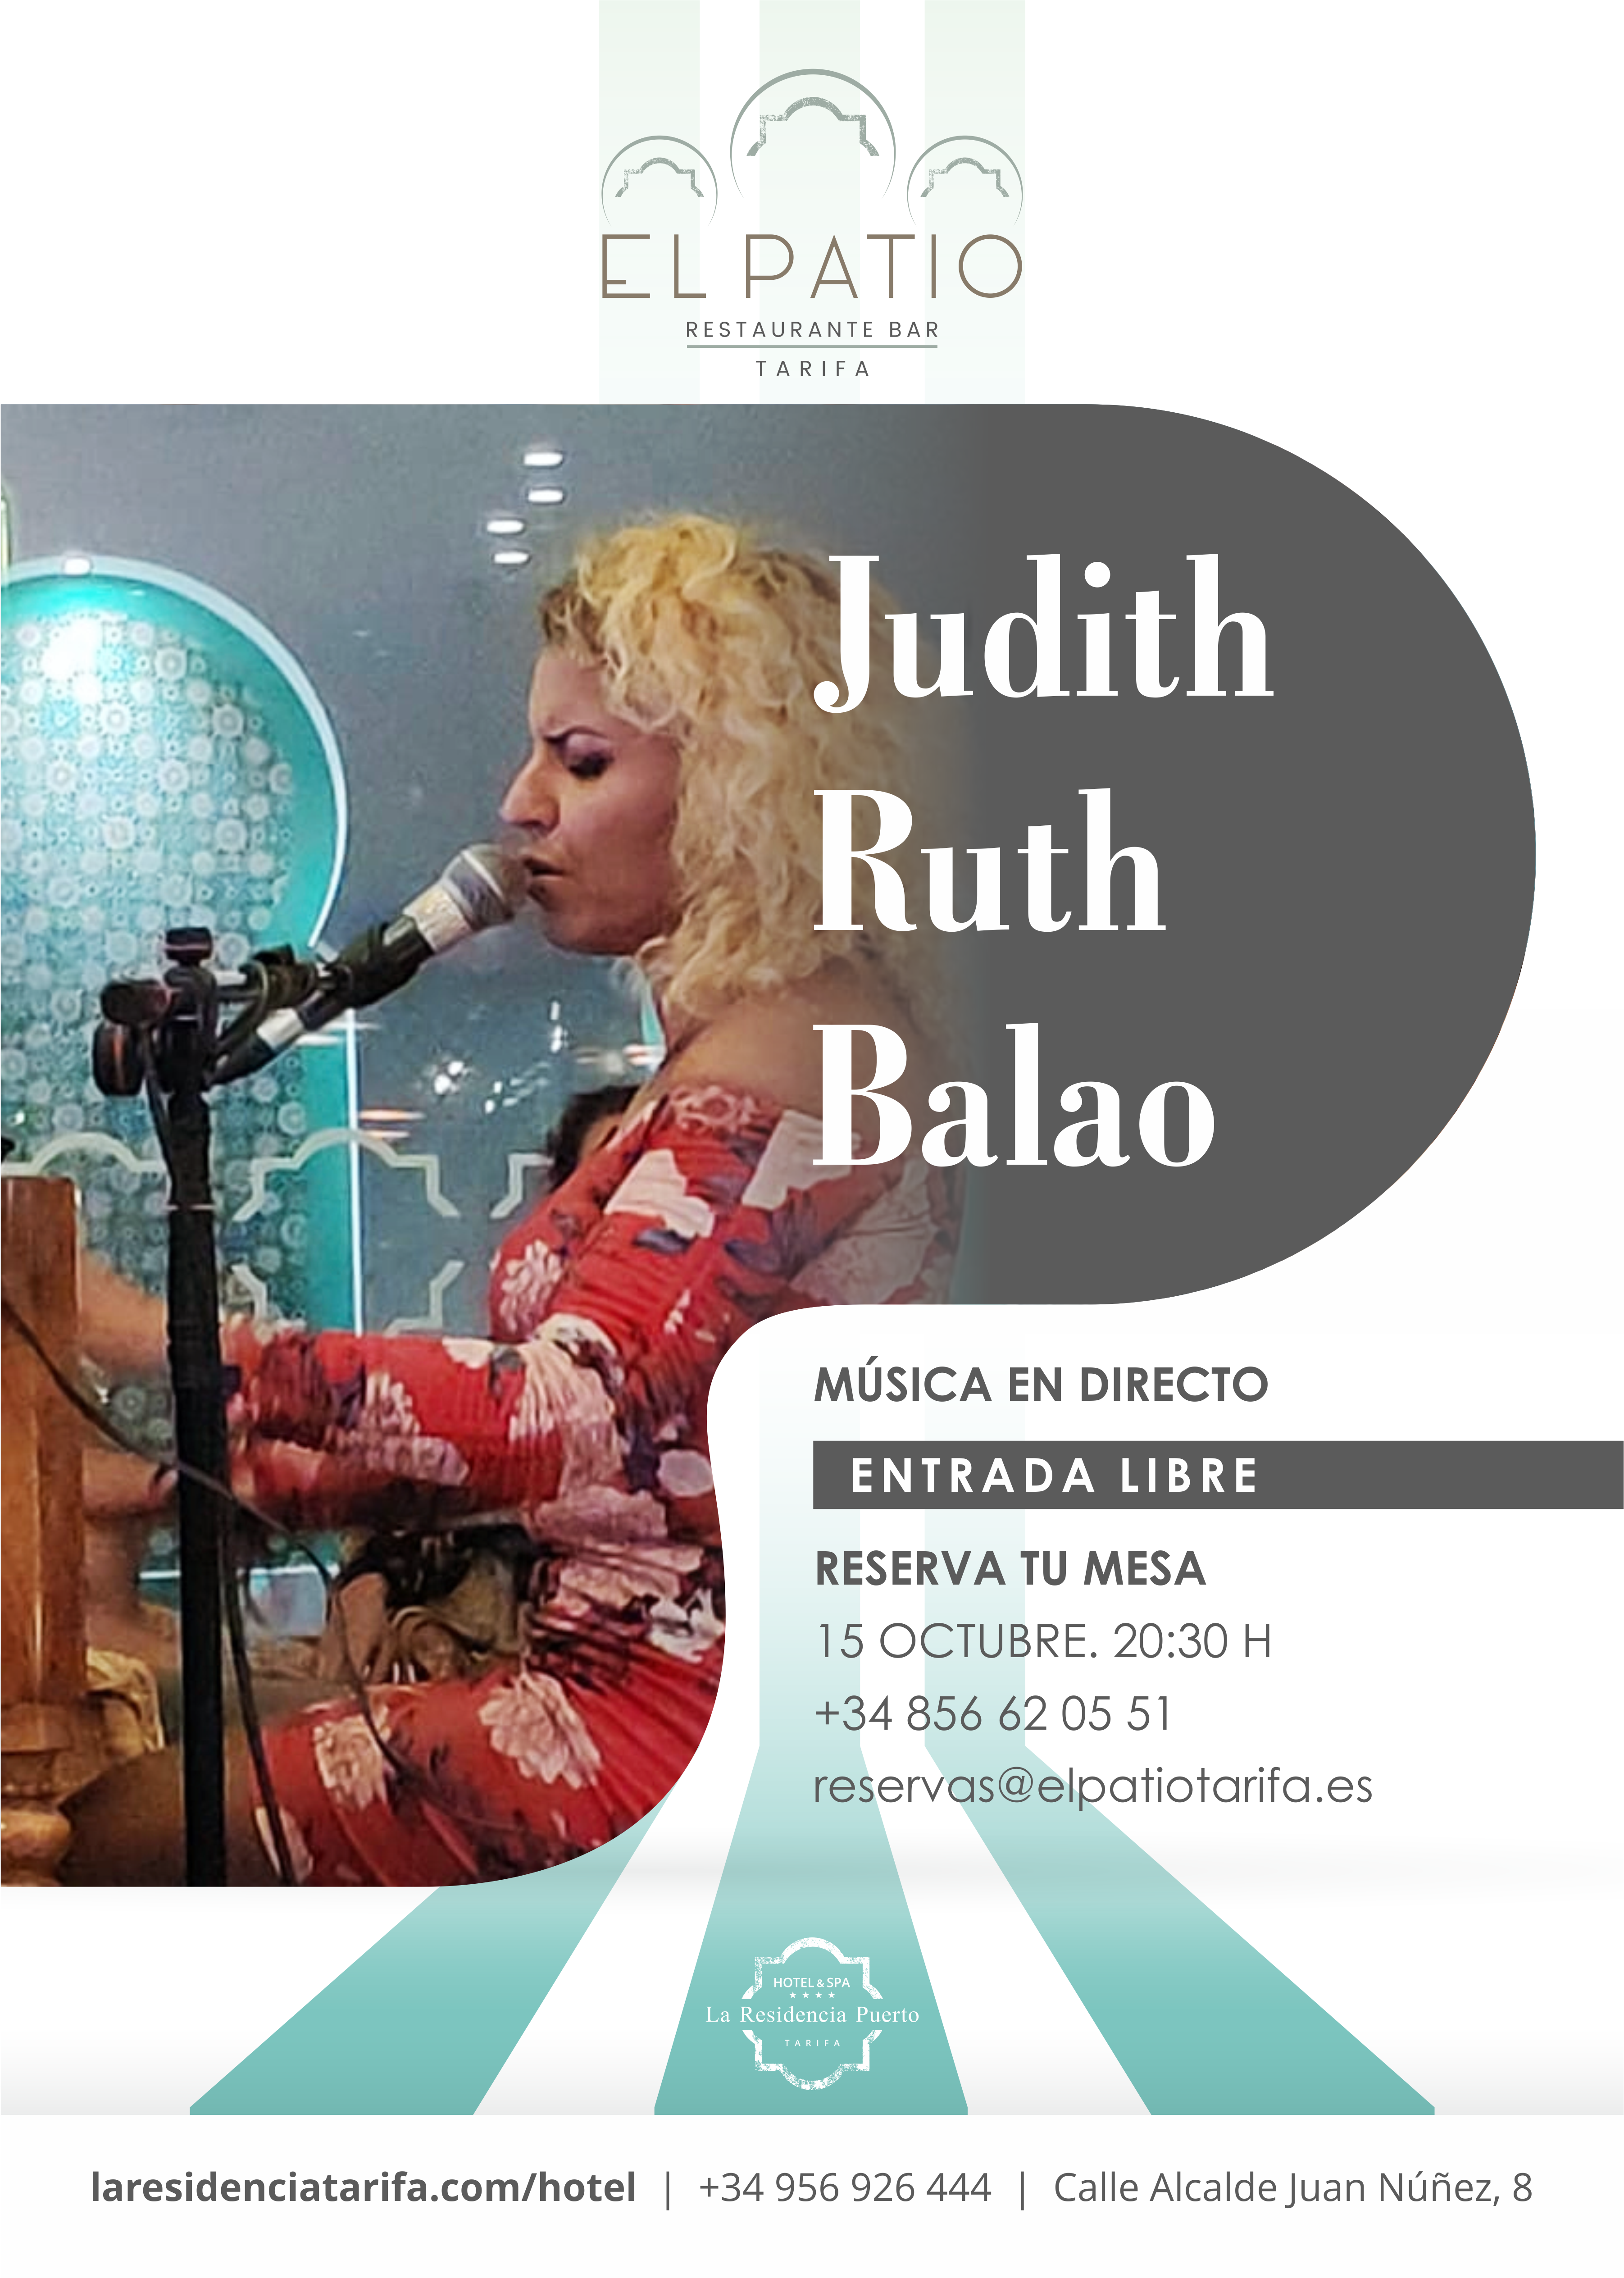 Evento musical con Judith Ruth Balao, en El Patio